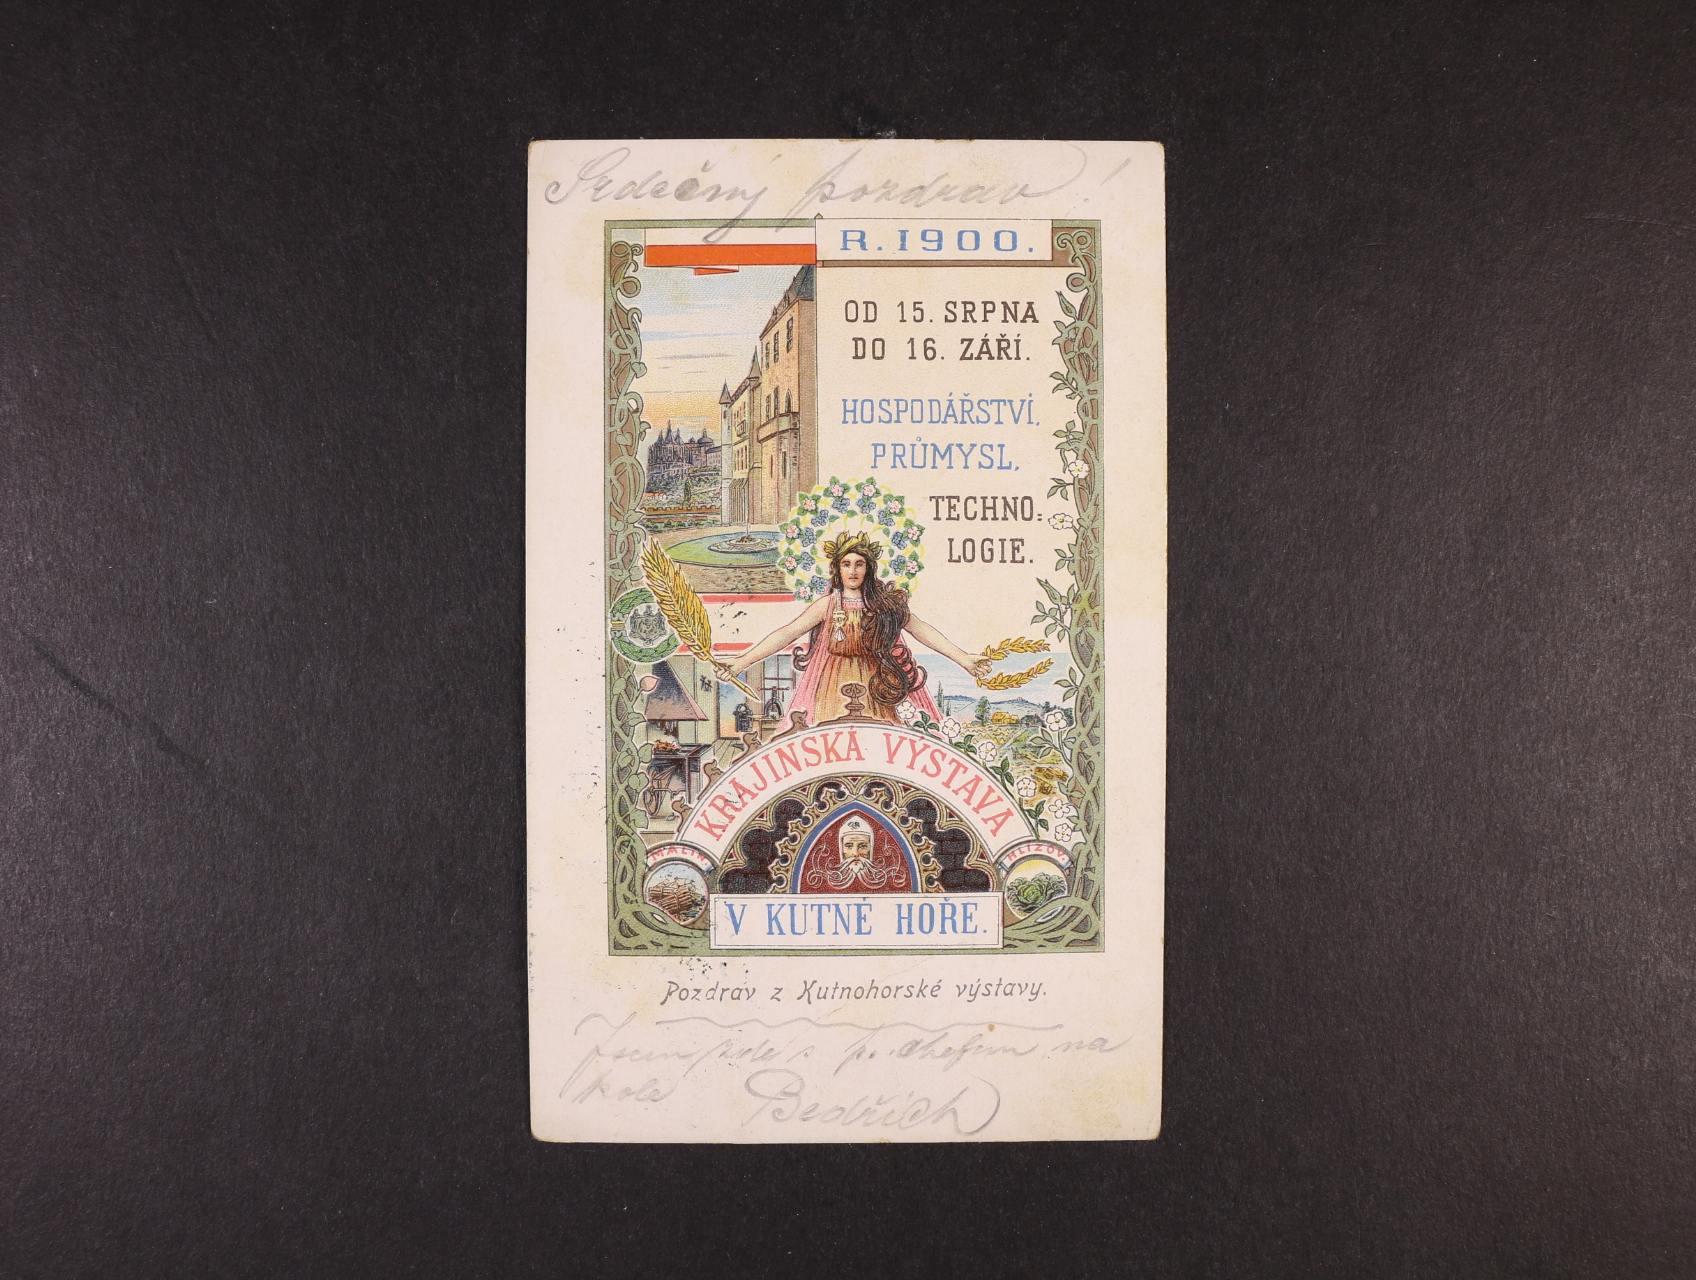 Výstavy - Kutná Hora Krajinská výstava 1900 - bar. litograf. koláž, dl. adresa, použitá 1900